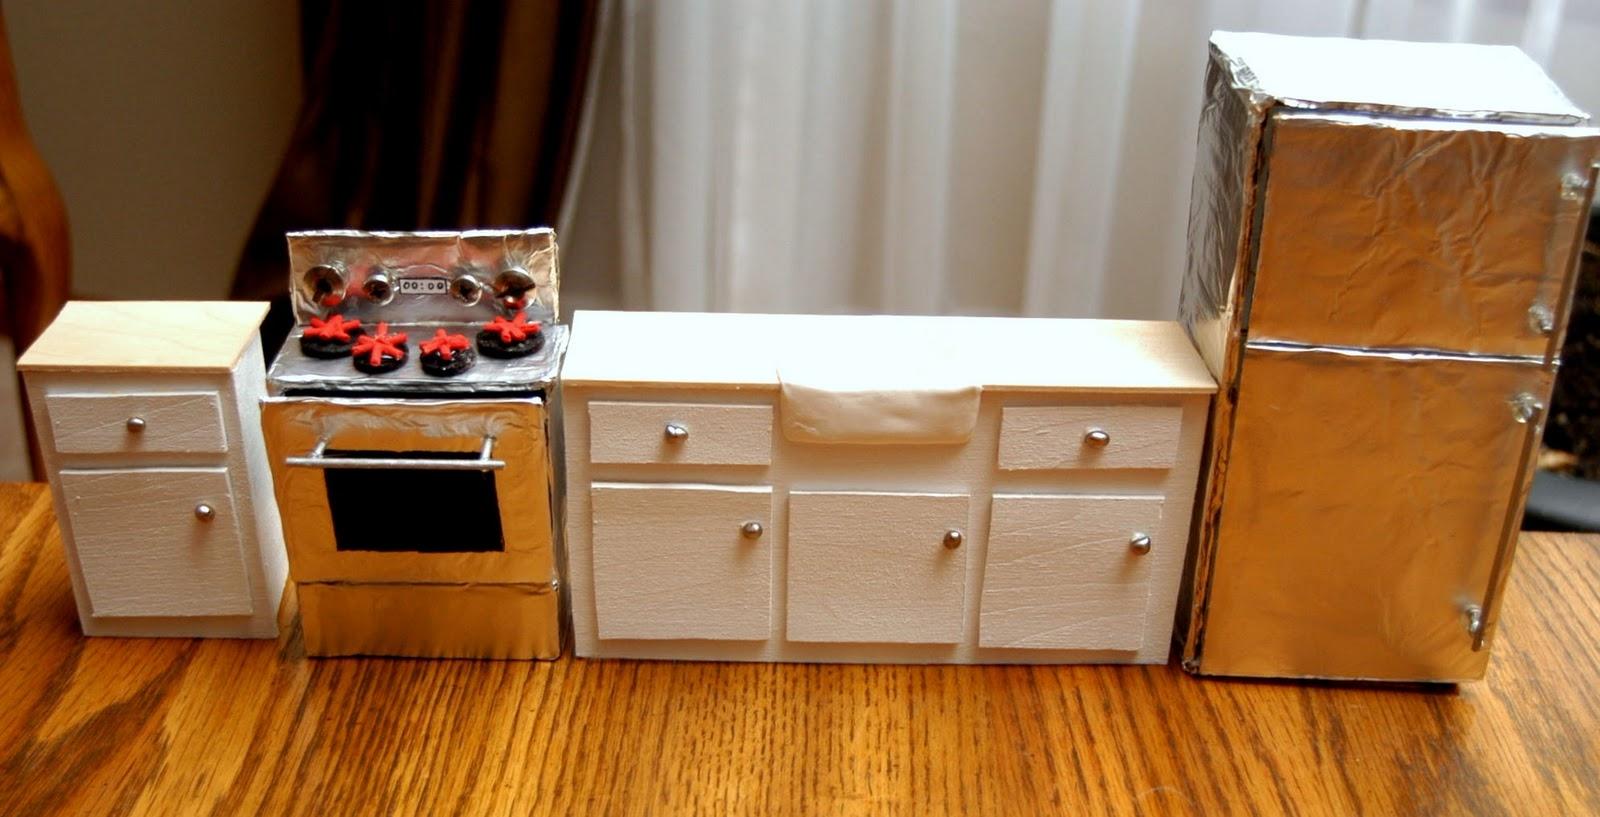 Холодильник из картона игрушечный